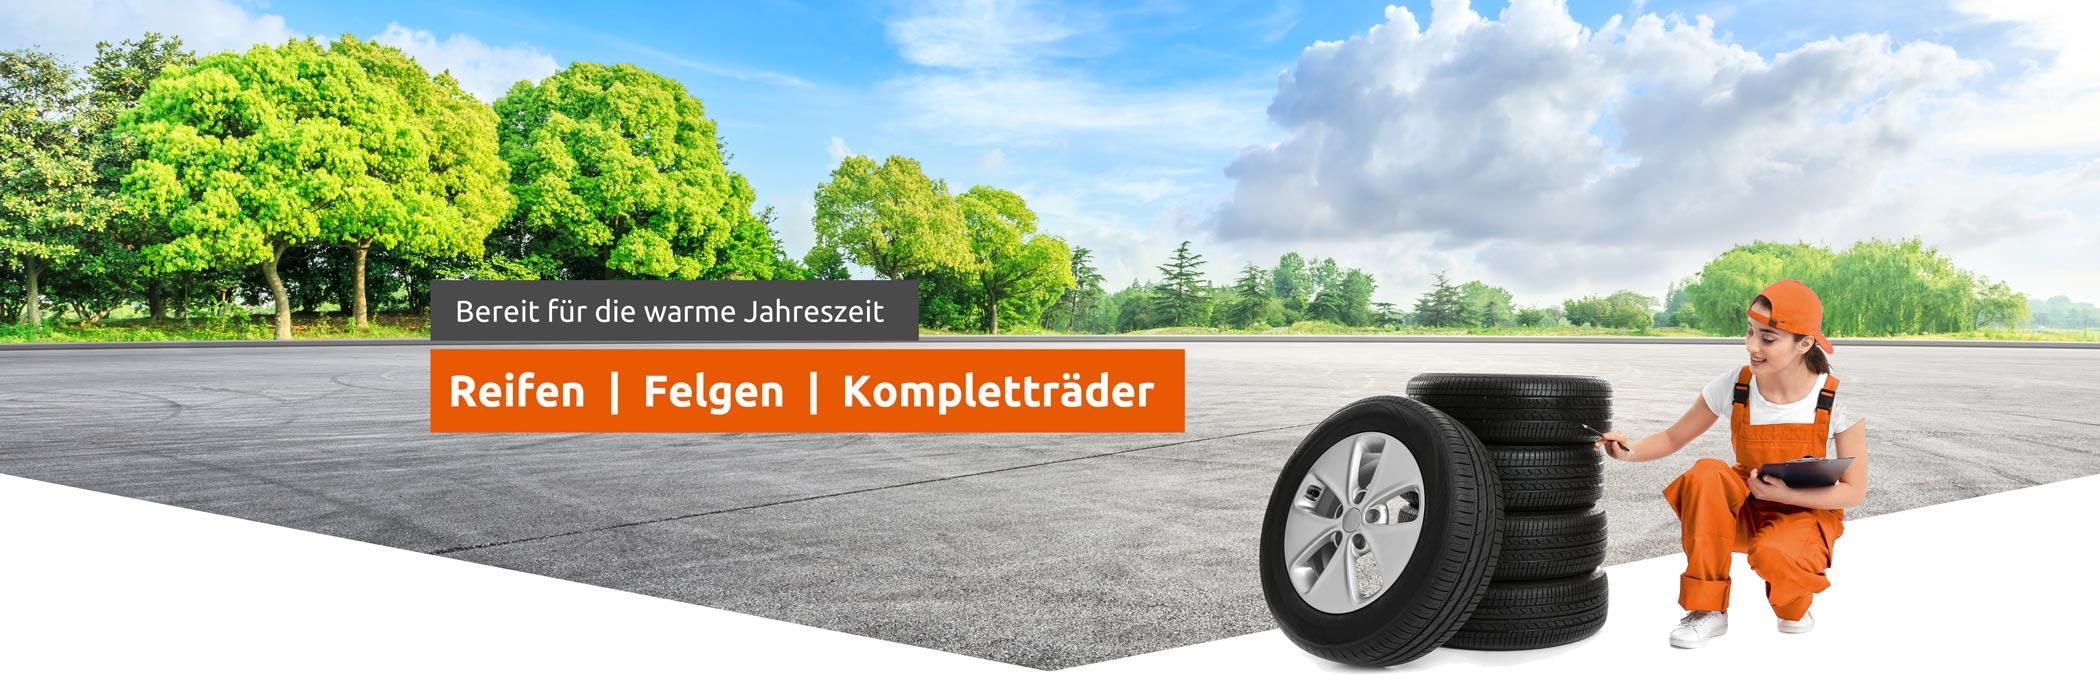 Reifen Onlineshop - Reifenvertrieb 24 - Reifen, Felgen, Kompletträder